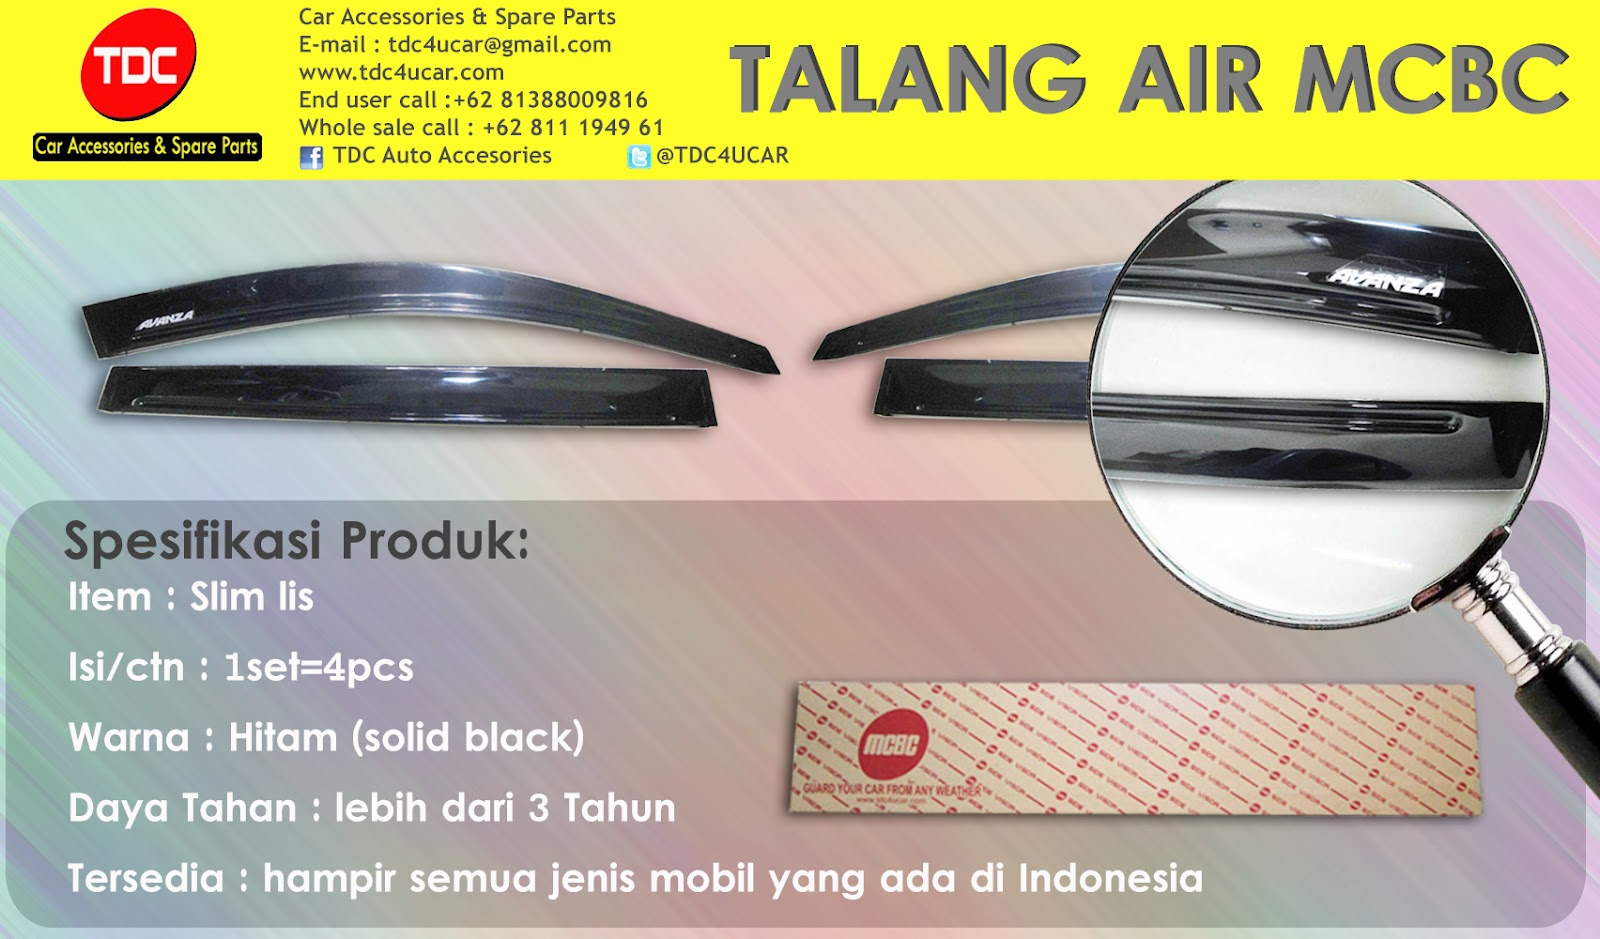 variasi mobil Jenis Talang air